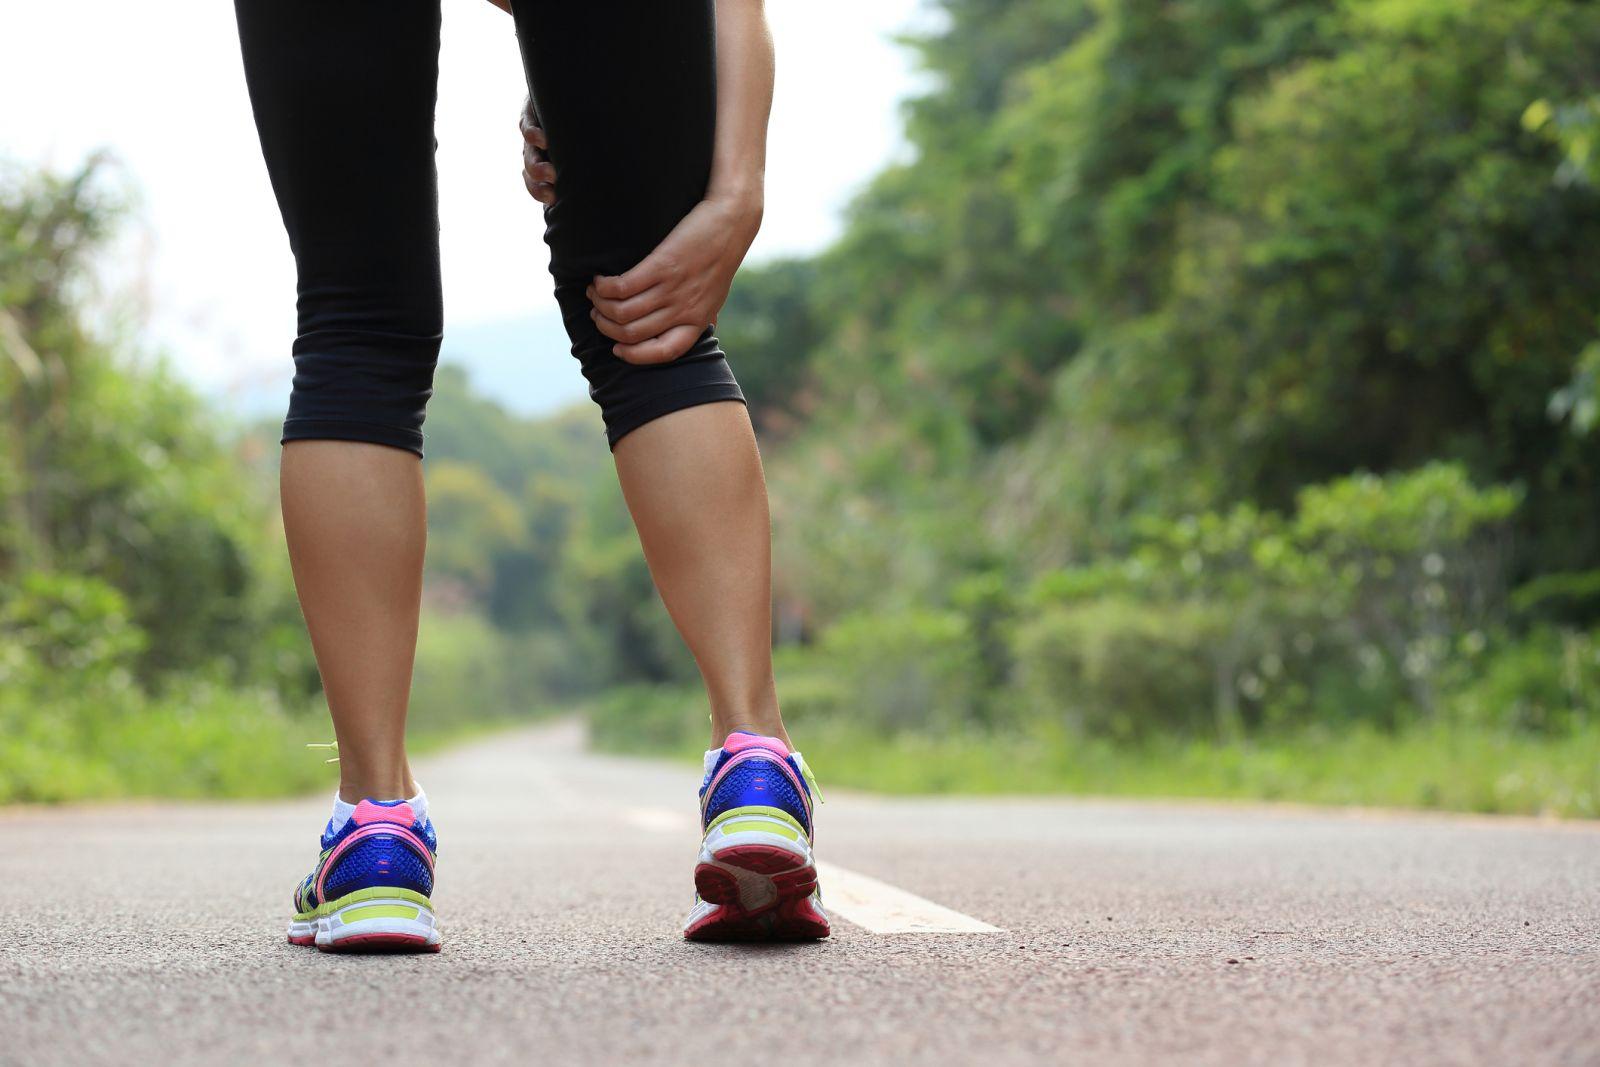 Cильно болят ноги при ходьбе